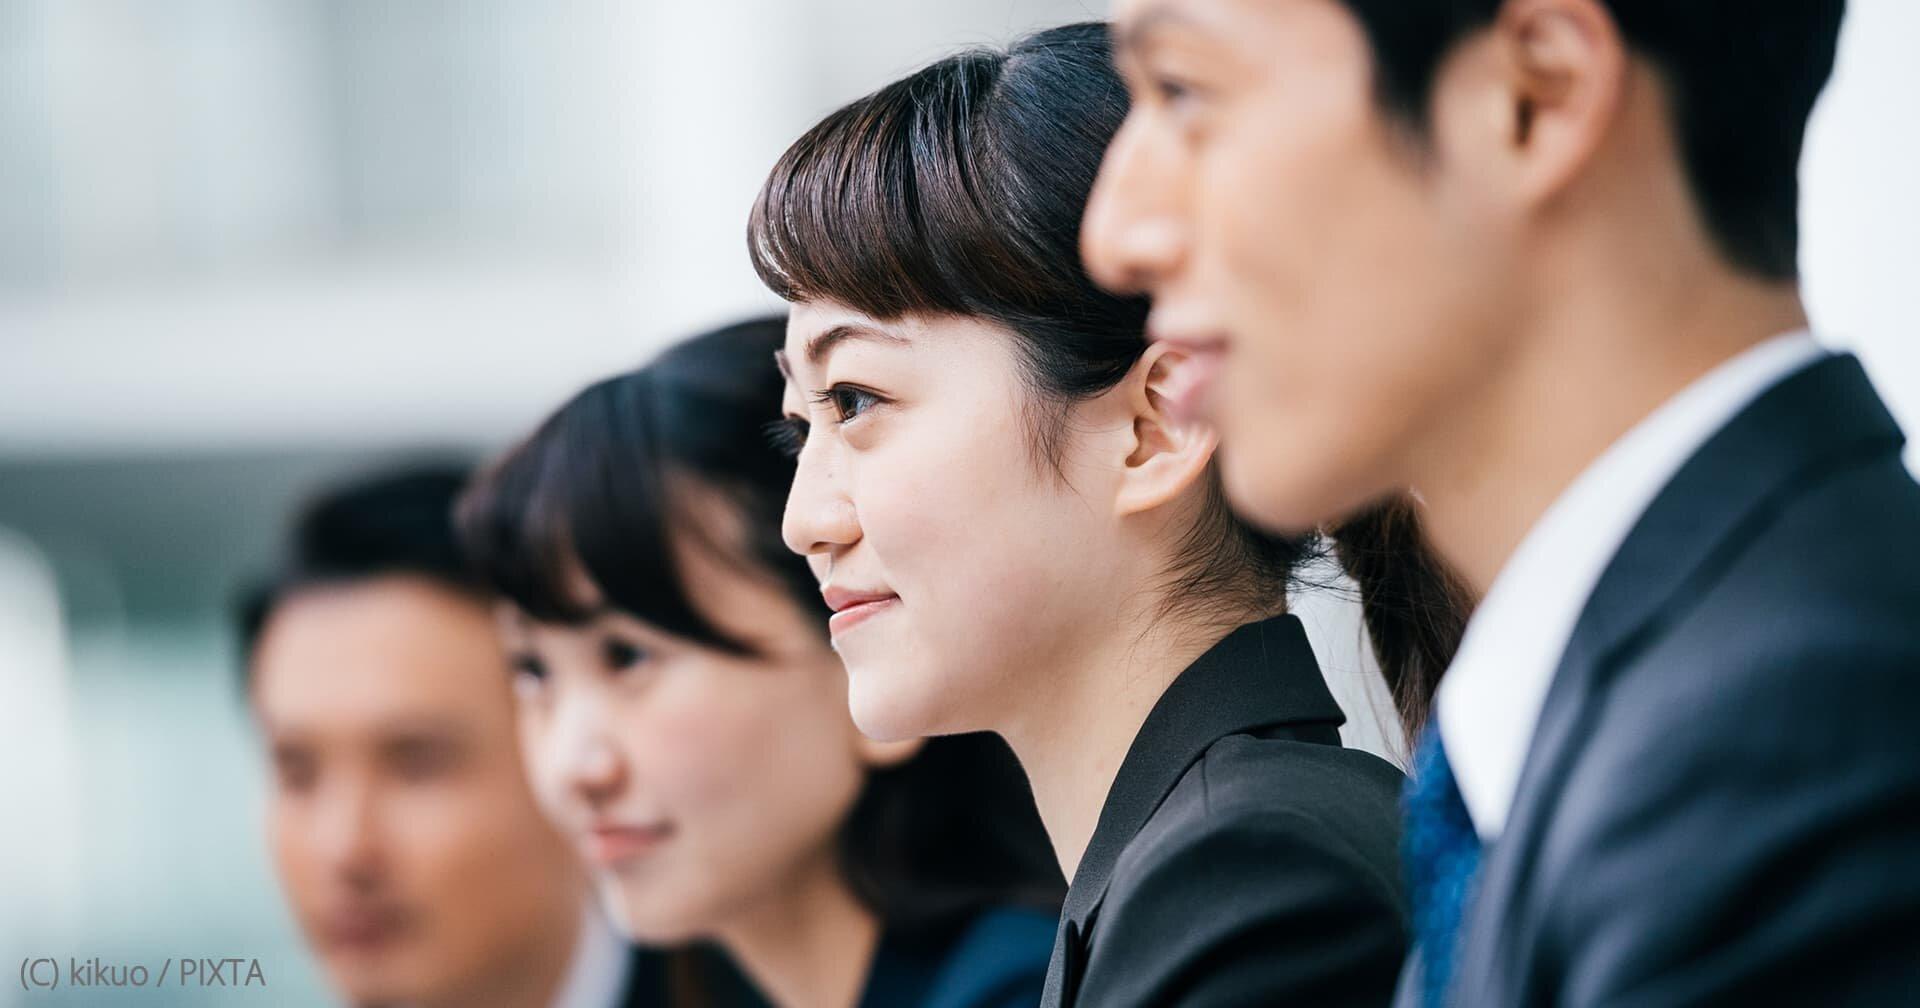 2021年度 PHP新入社員研修説明会~人事・教育ご責任者様向けオンラインセミナー